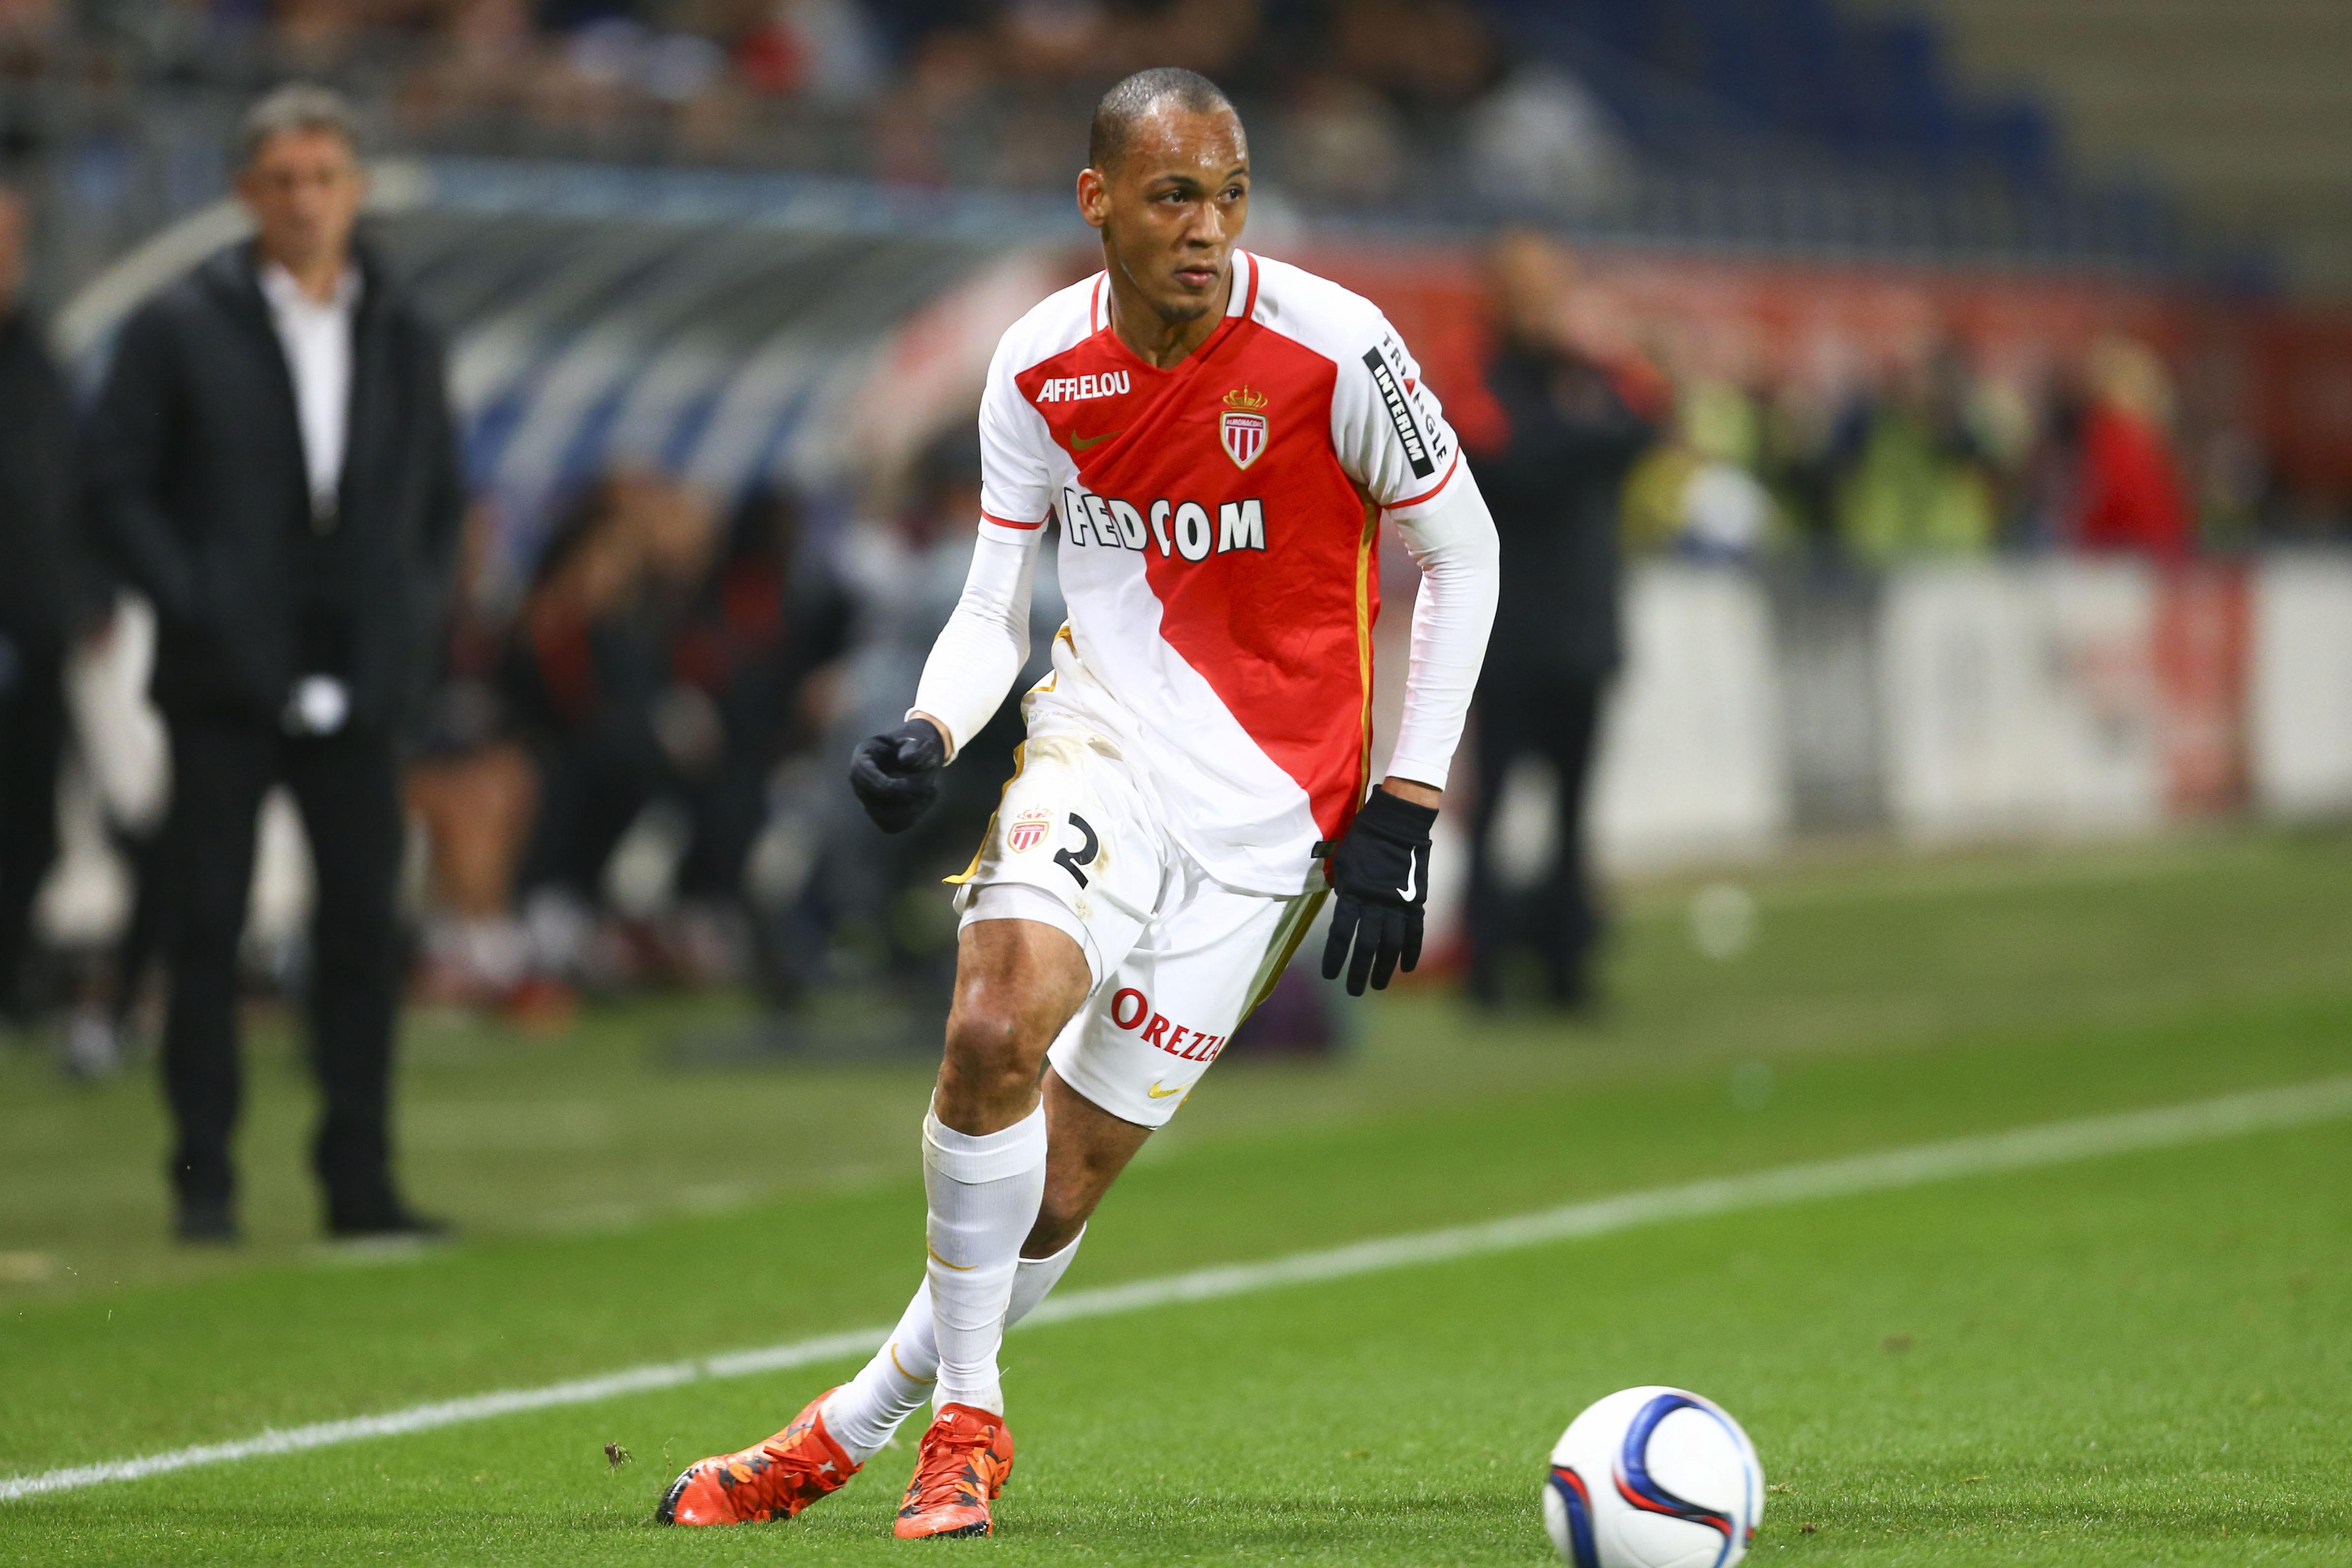 Coupe de france les 32es de finale en direct coupe de france football - Coupe de france 2015 direct ...